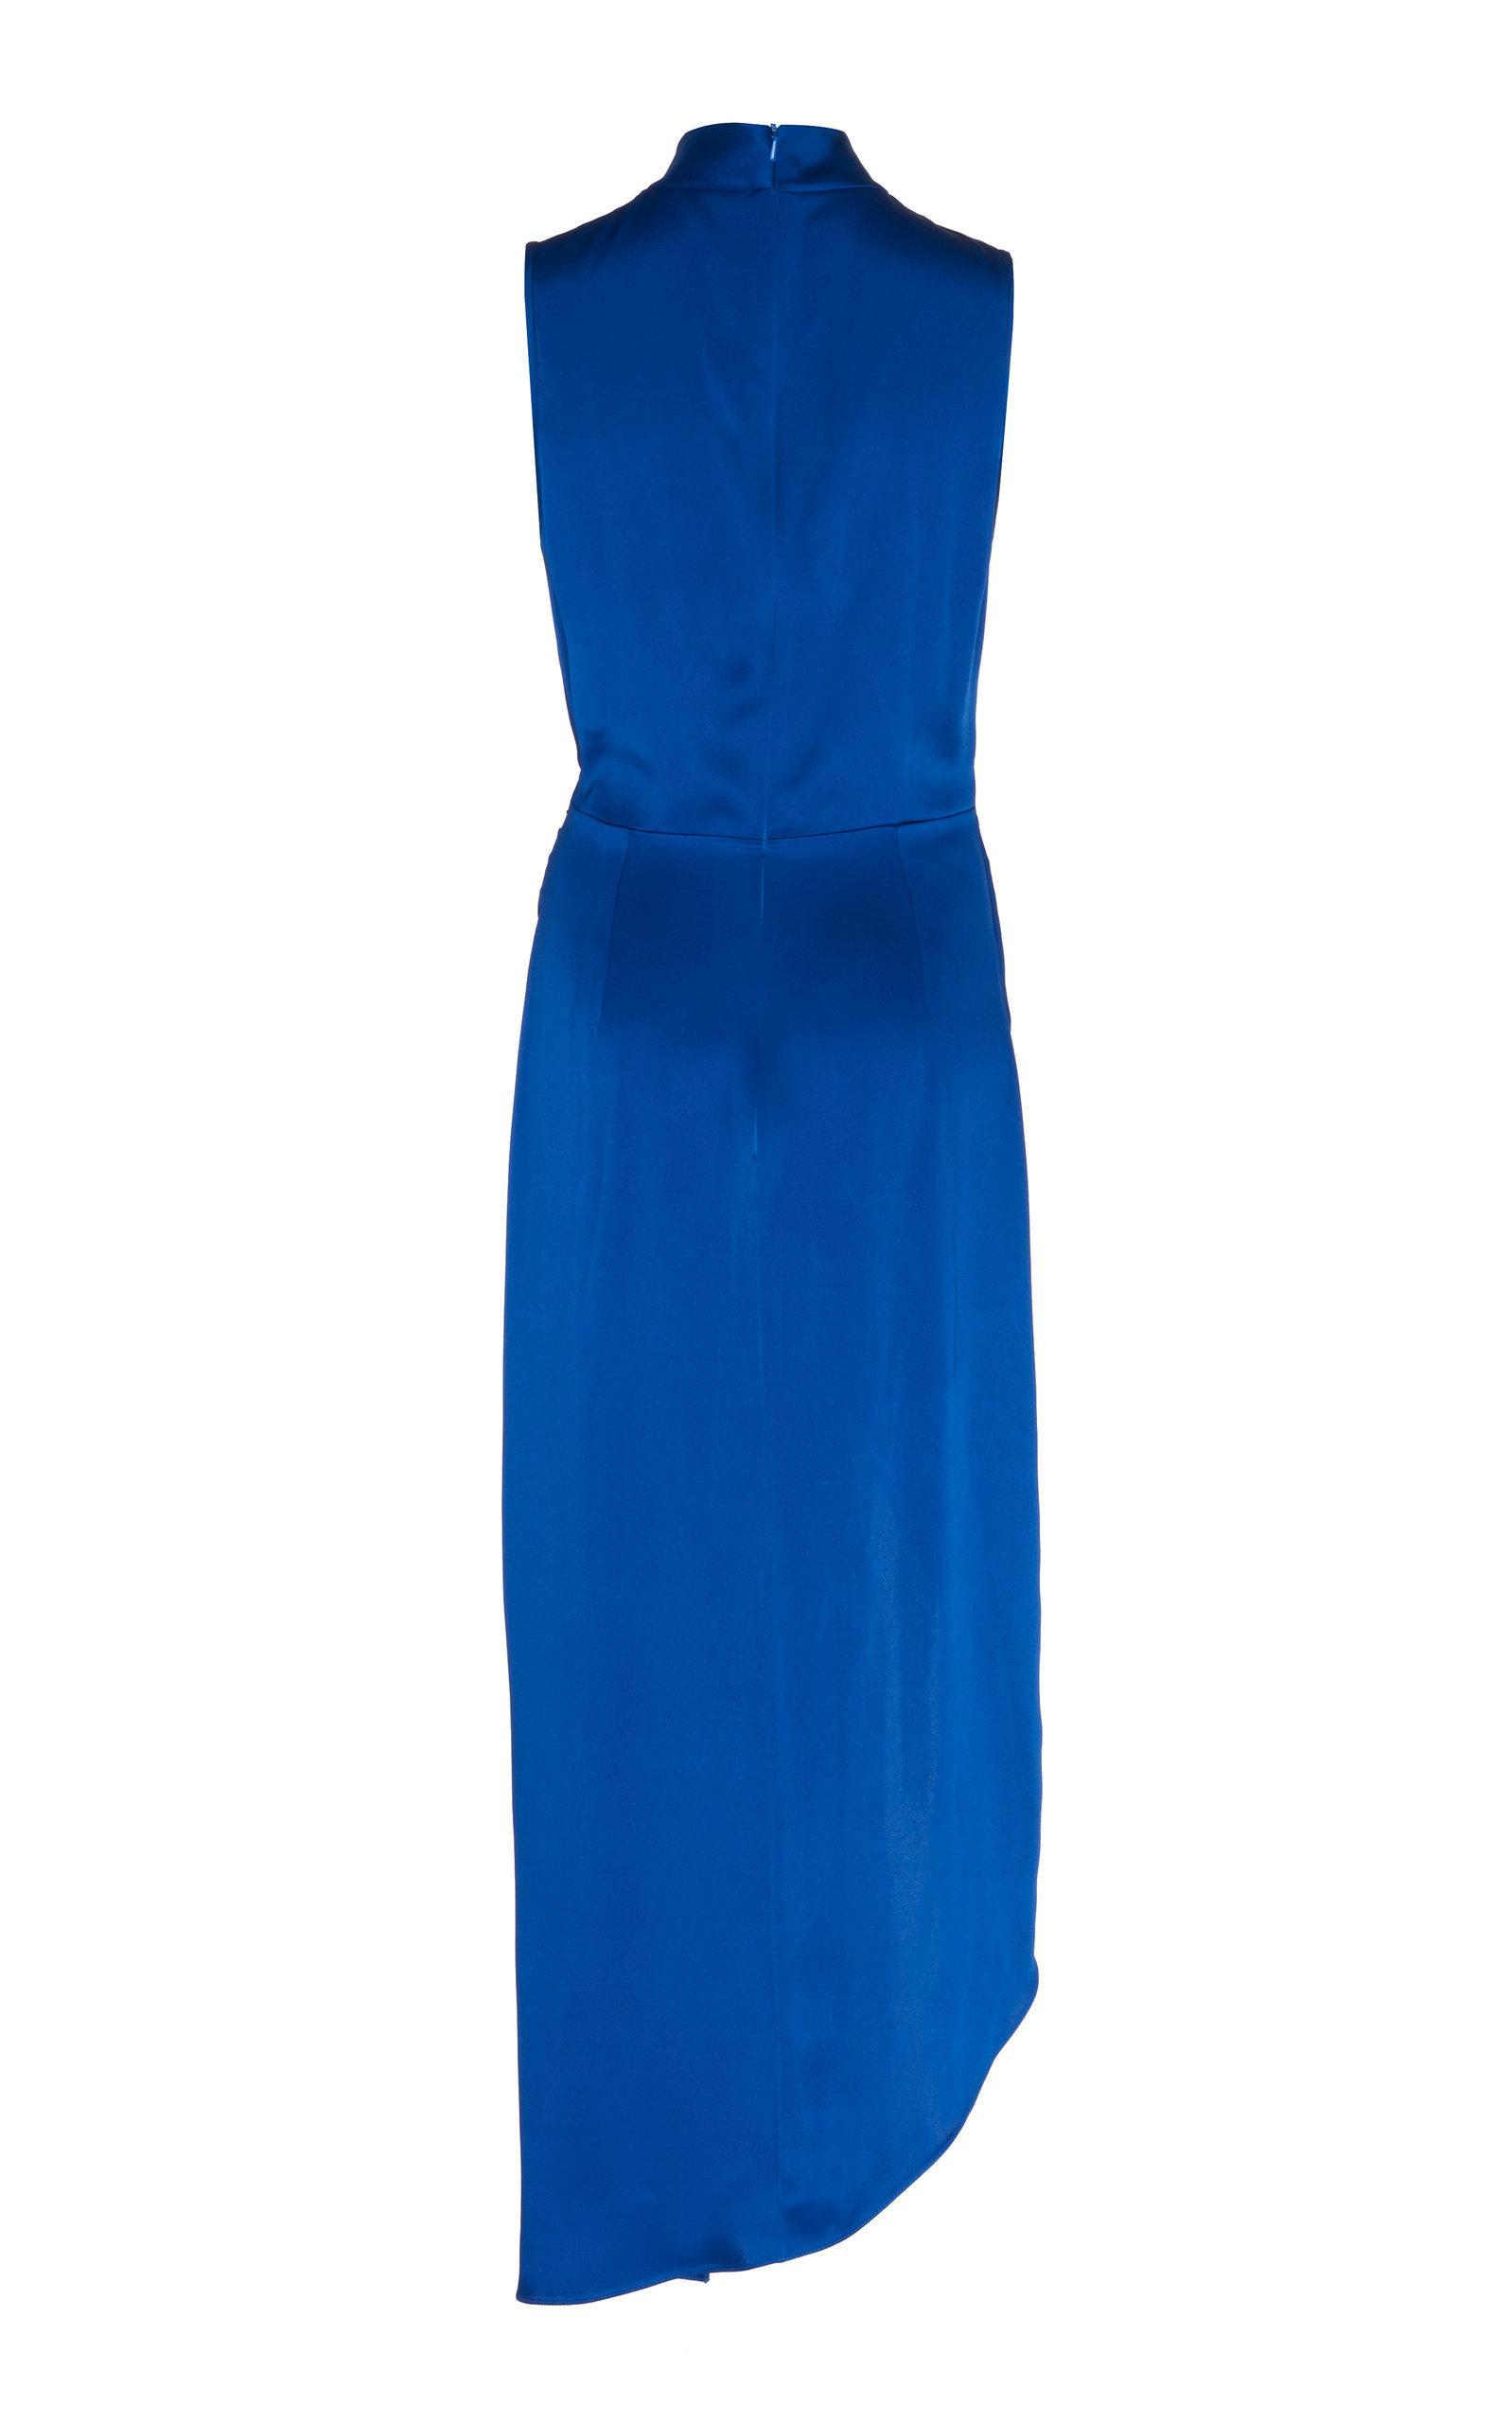 ec18a268f37 David Koma Ruched Detail Satin Dress in Blue - Lyst